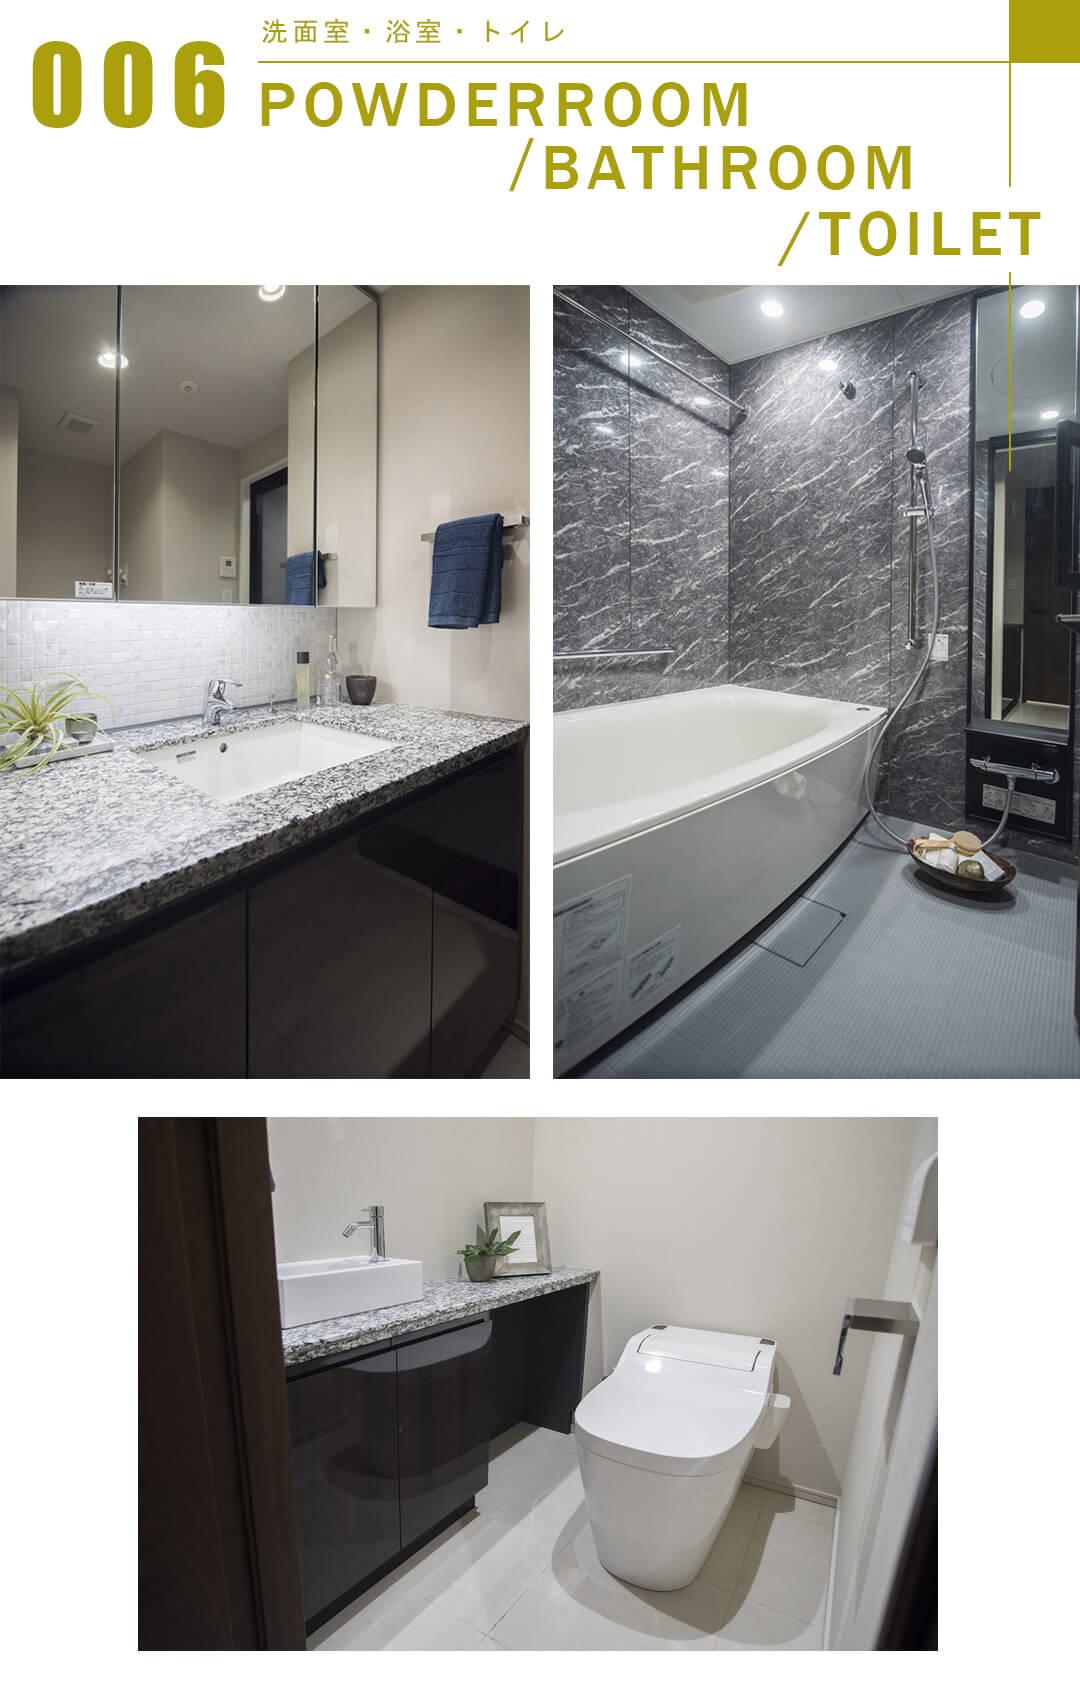 パークナード南麻布の洗面室と浴室とトイレ